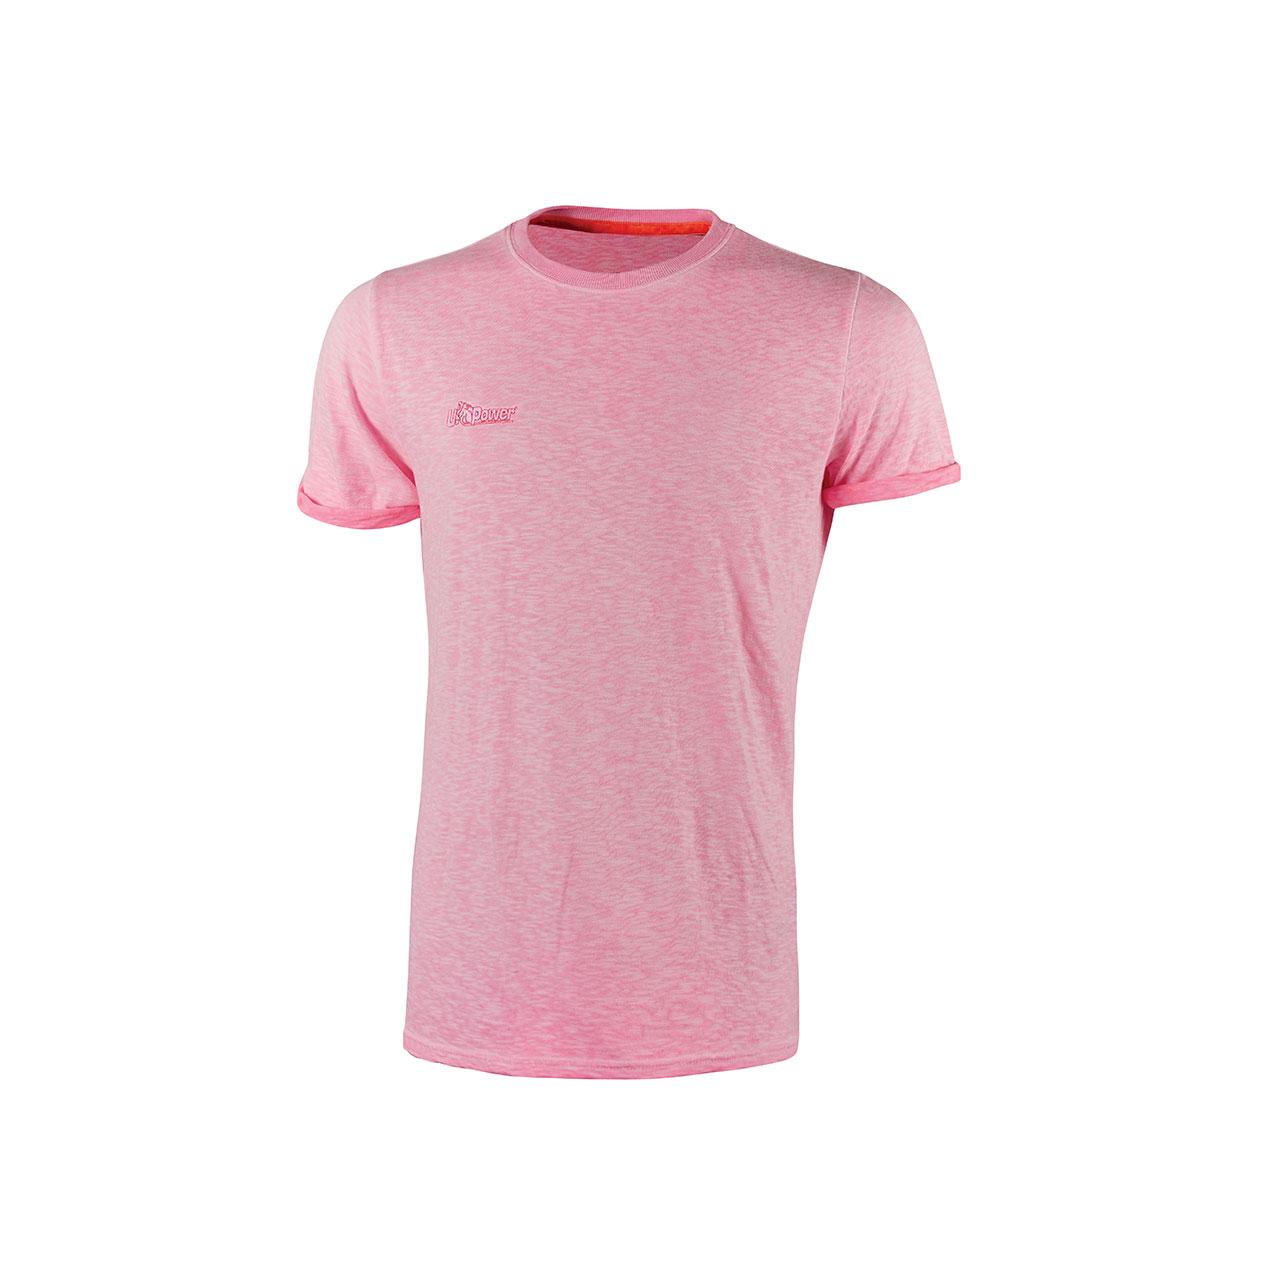 Tshirt da lavoro upower modello fluo colore pink fluo p